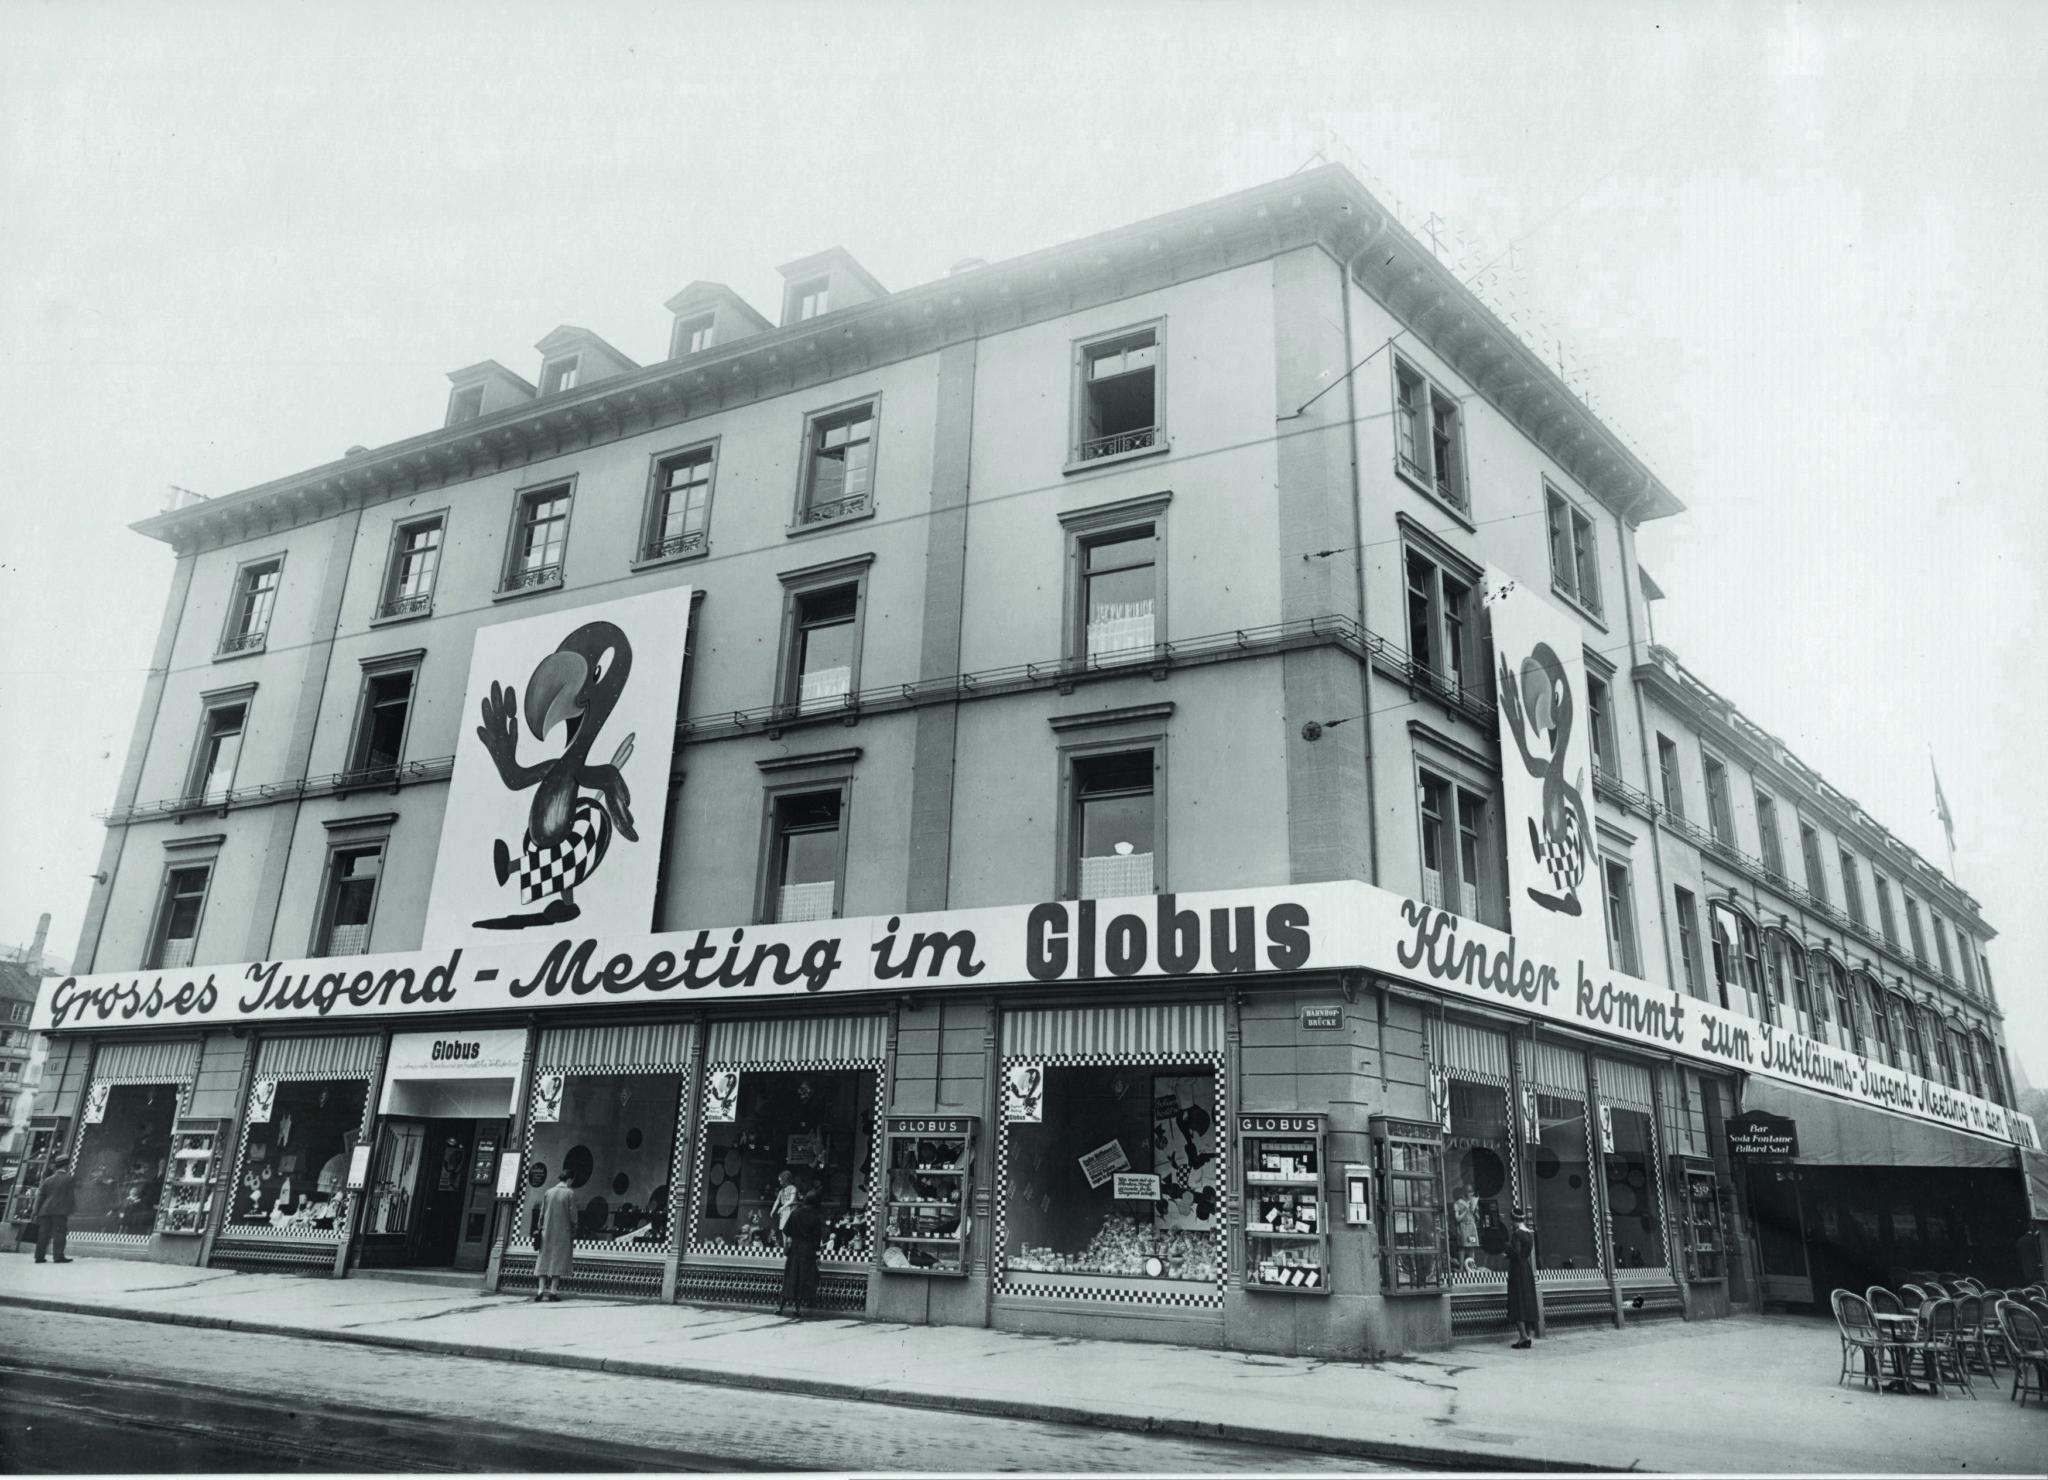 Geburt der Legende: Erstes Plakat des 19-jährigen Robert Lips für das erste Jugend-Meeting im Globus (1932). Als der Rummel überhand nahm, mussten die Treffen gestoppt werden.